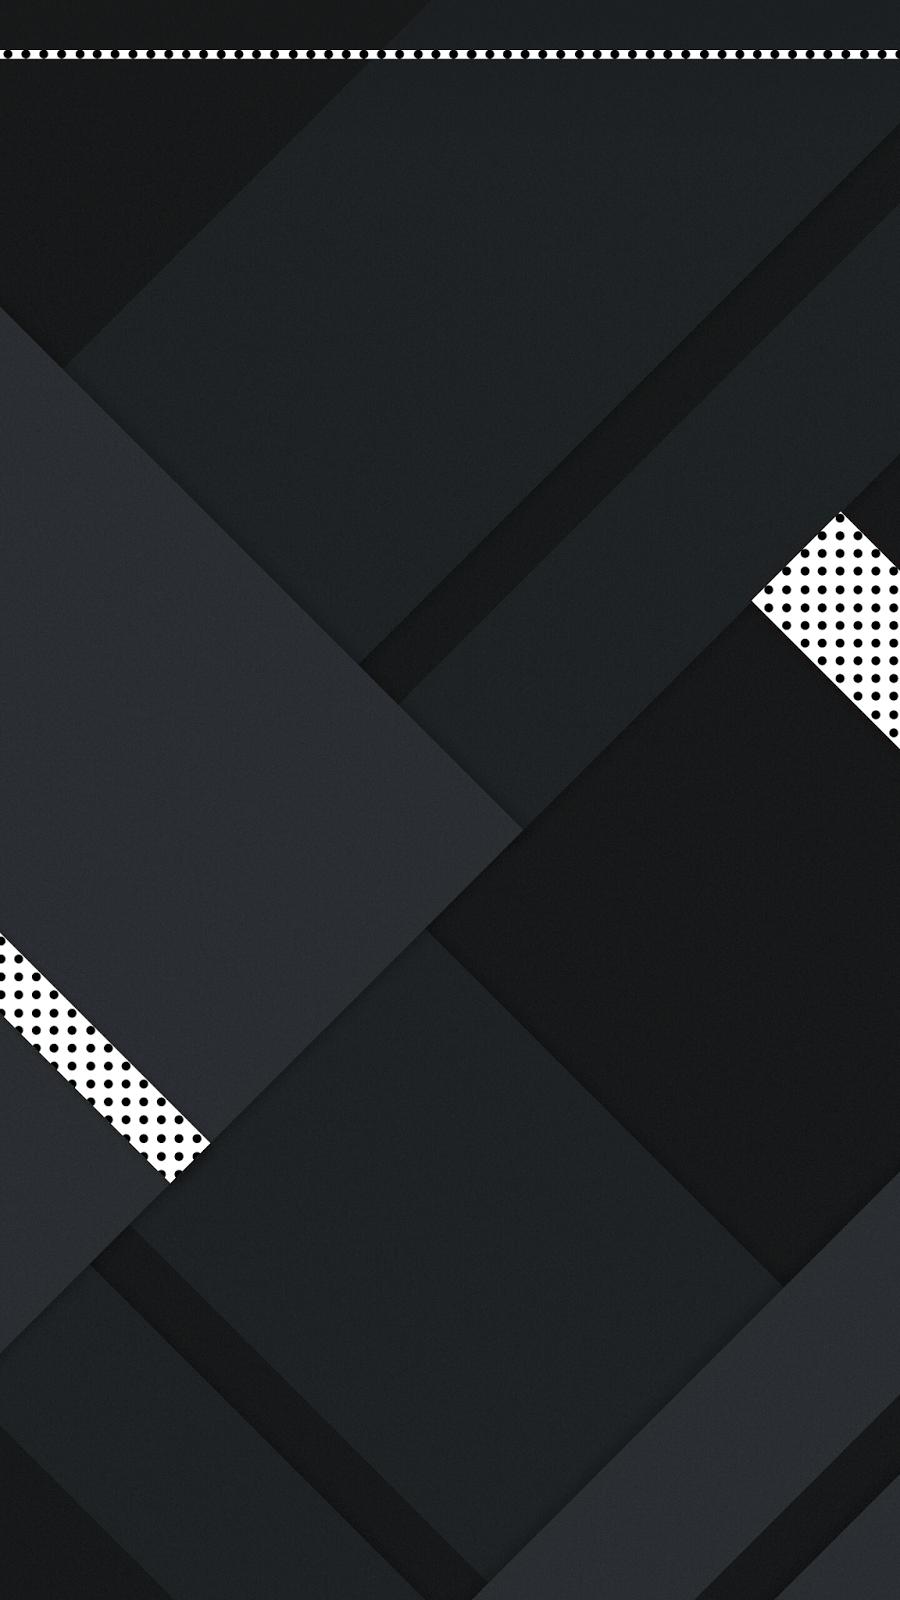 Dark Minimalist Phone Wallpapers Top Free Dark Minimalist